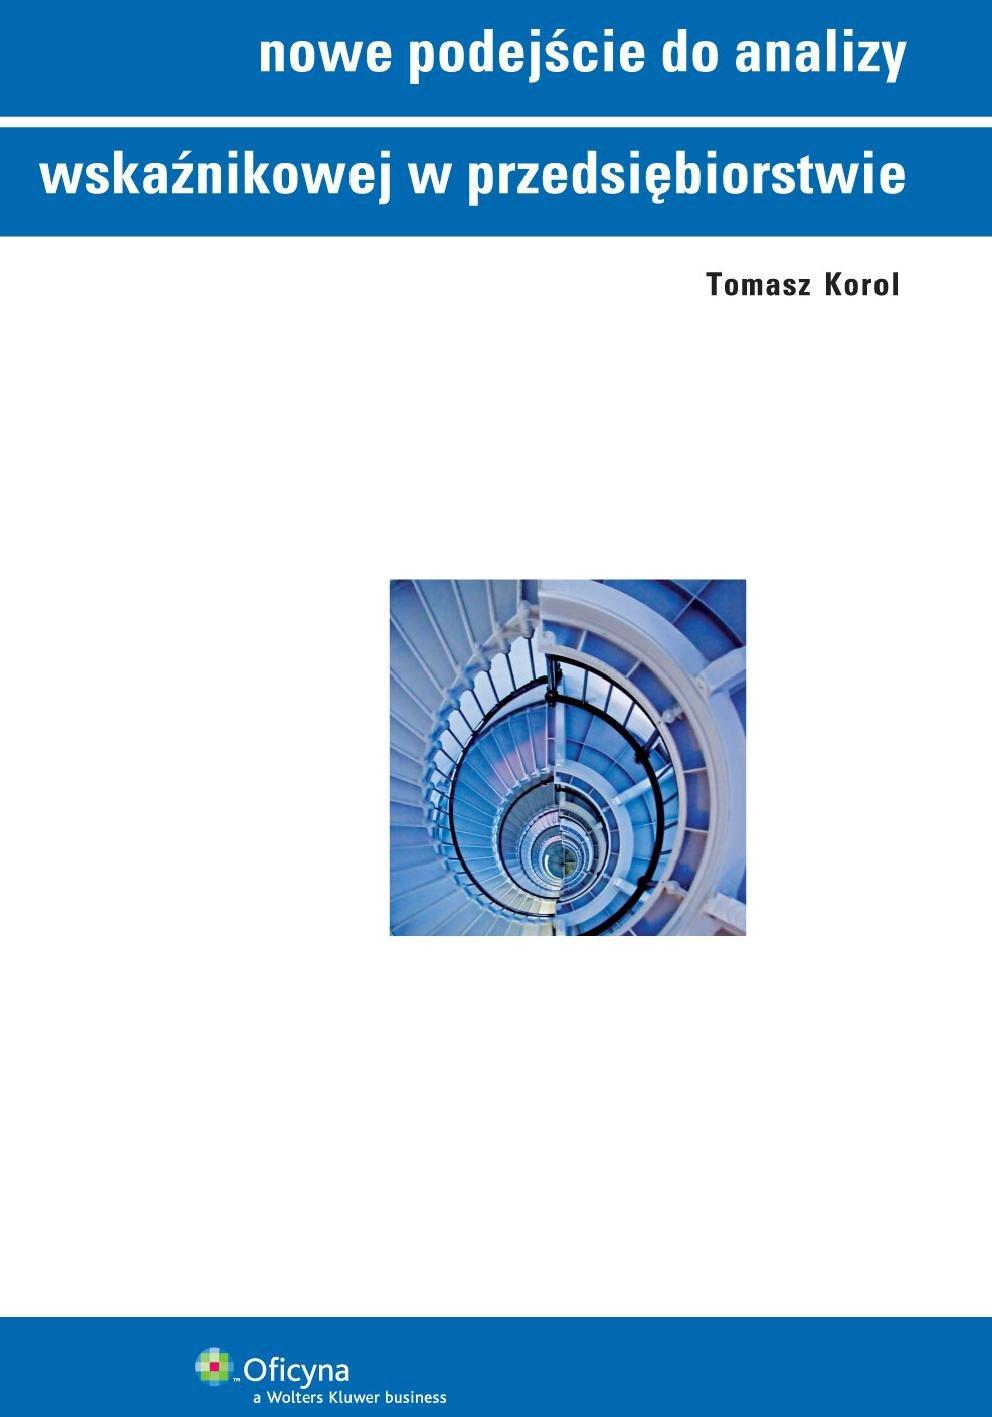 Nowe podejście do analizy wskaźnikowej w przedsiębiorstwie - Ebook (Książka PDF) do pobrania w formacie PDF